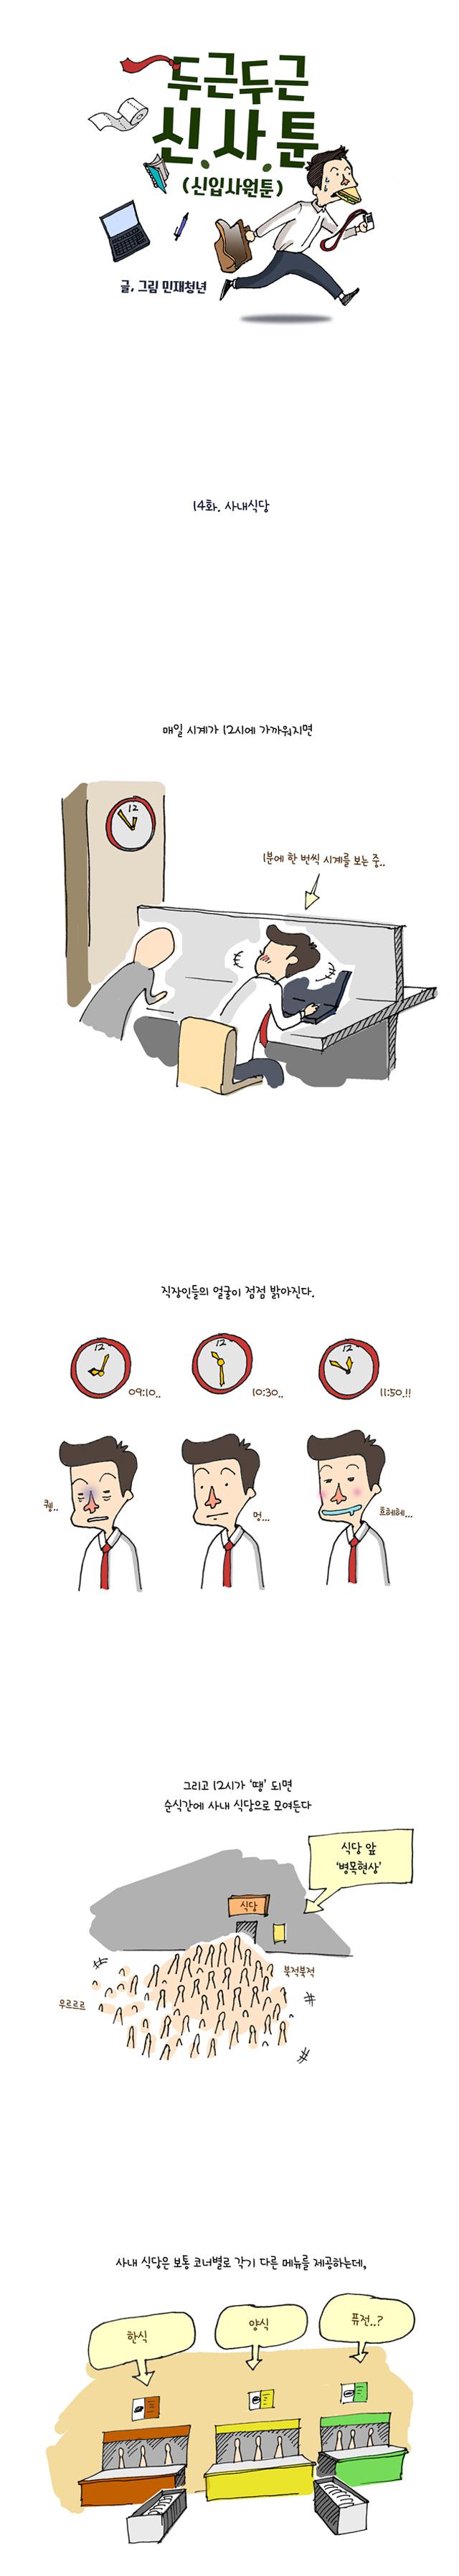 #(상황: 12시에 가까워지자 시계를 자주 보는 주인공) 나레이션 : 매일 시계가 12시에 가까워지면 #(상황: 12시에 가까워지자 점점 얼굴이 밝아지는 주인공) 나레이션 : 직장인들의 얼굴이 점점 밝아진다. #(상황: 12시가 되자 우르르 모여드는 사람들) 나레이션 : 그리고 12시가 땡 되면 순식간에 사내 식당으로 모여든다. 식당 앞 병목현상 발생. #(상황: 코너별로 다른 메뉴를 제공하는 식당) 나레이션 : 사내식당은 보통 코너 별로 각기 다른 메뉴를 제공하는데,